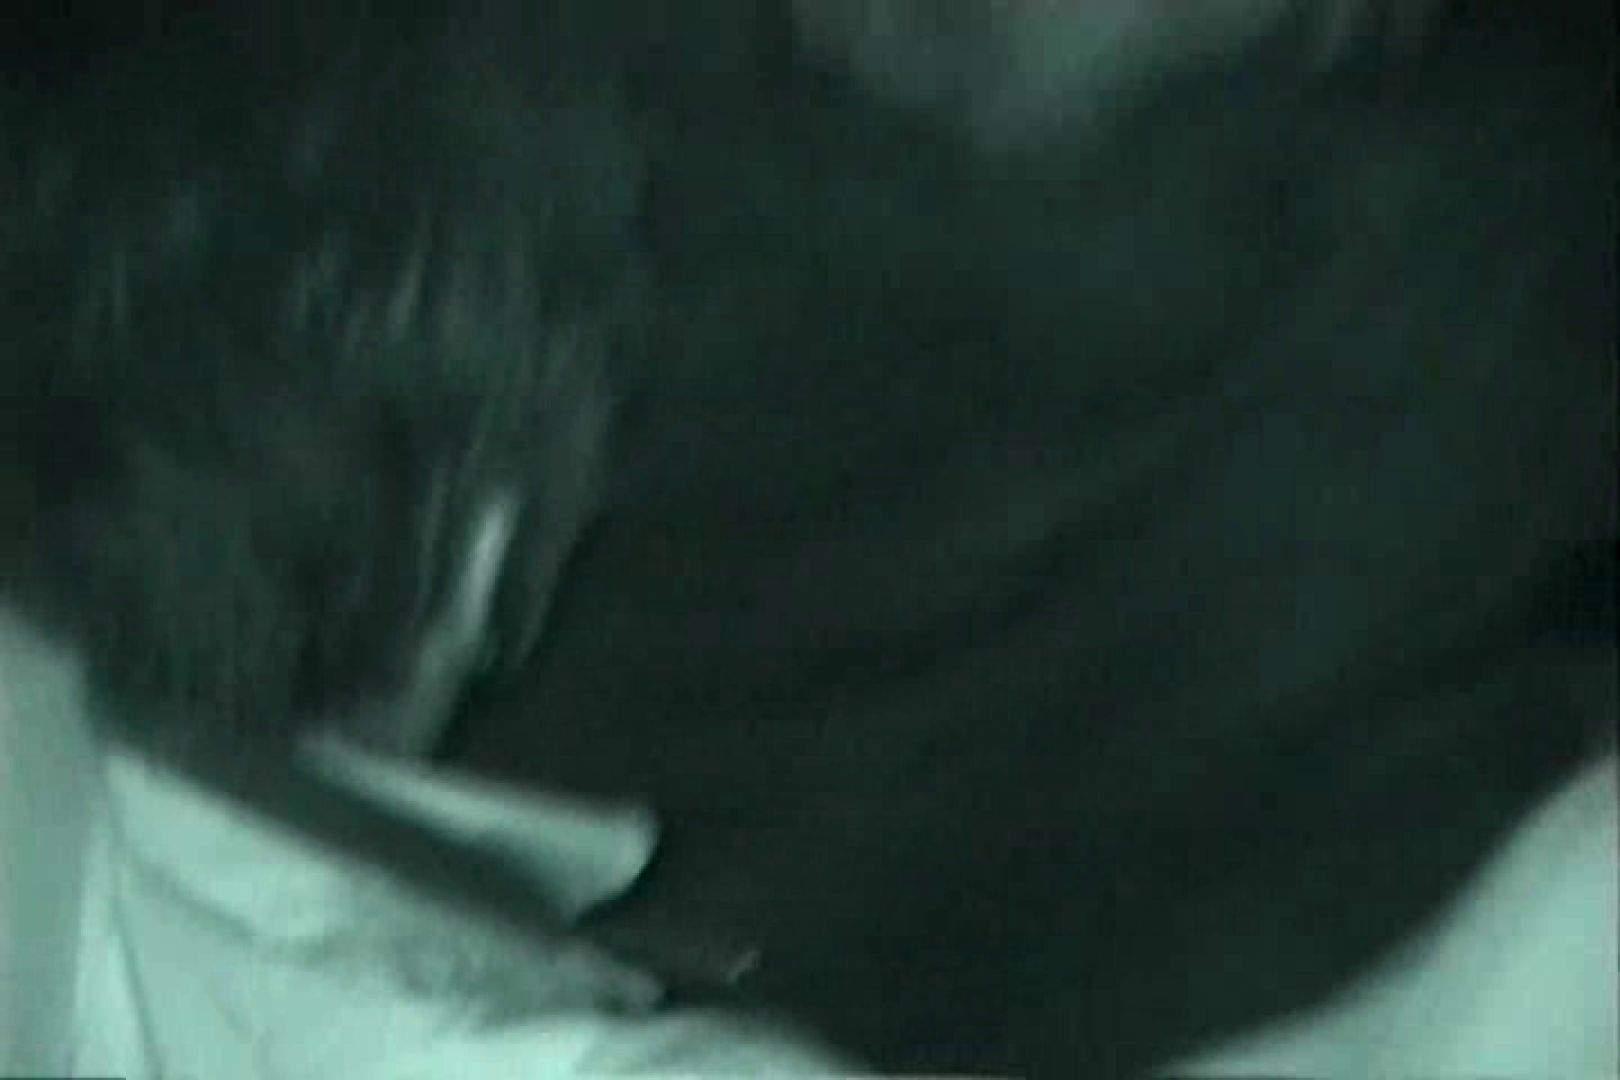 充血監督の深夜の運動会Vol.124 赤外線 オメコ動画キャプチャ 92pic 64